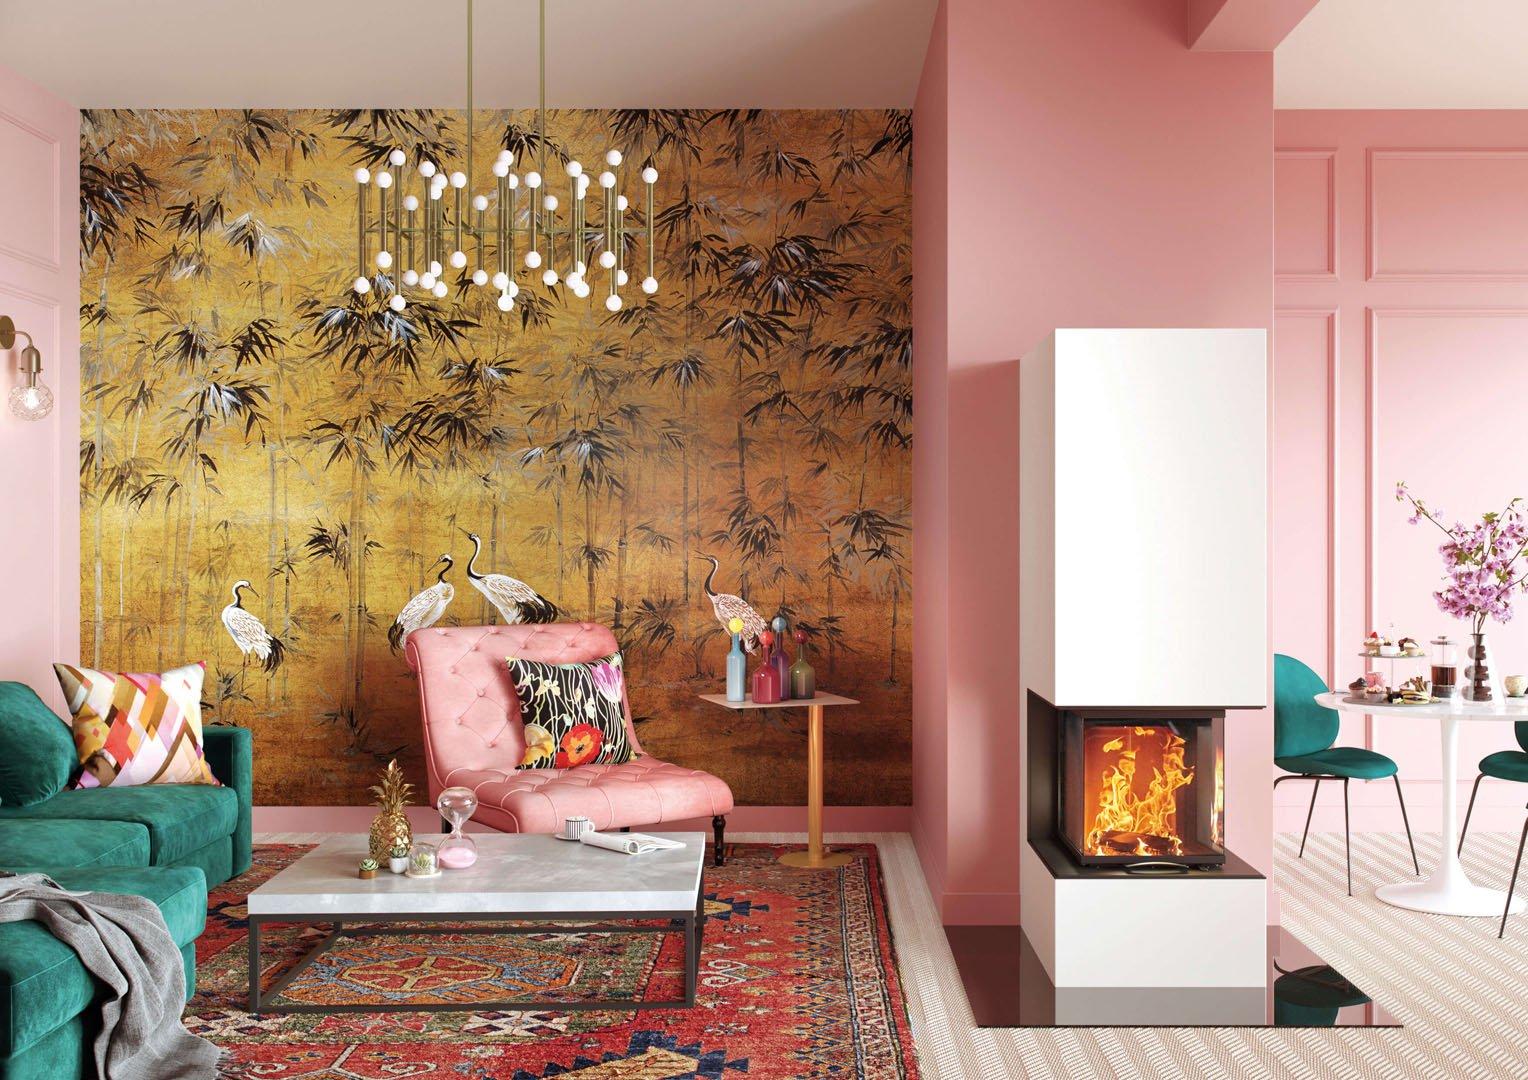 Product Visualisation – Luxury Fireplaces